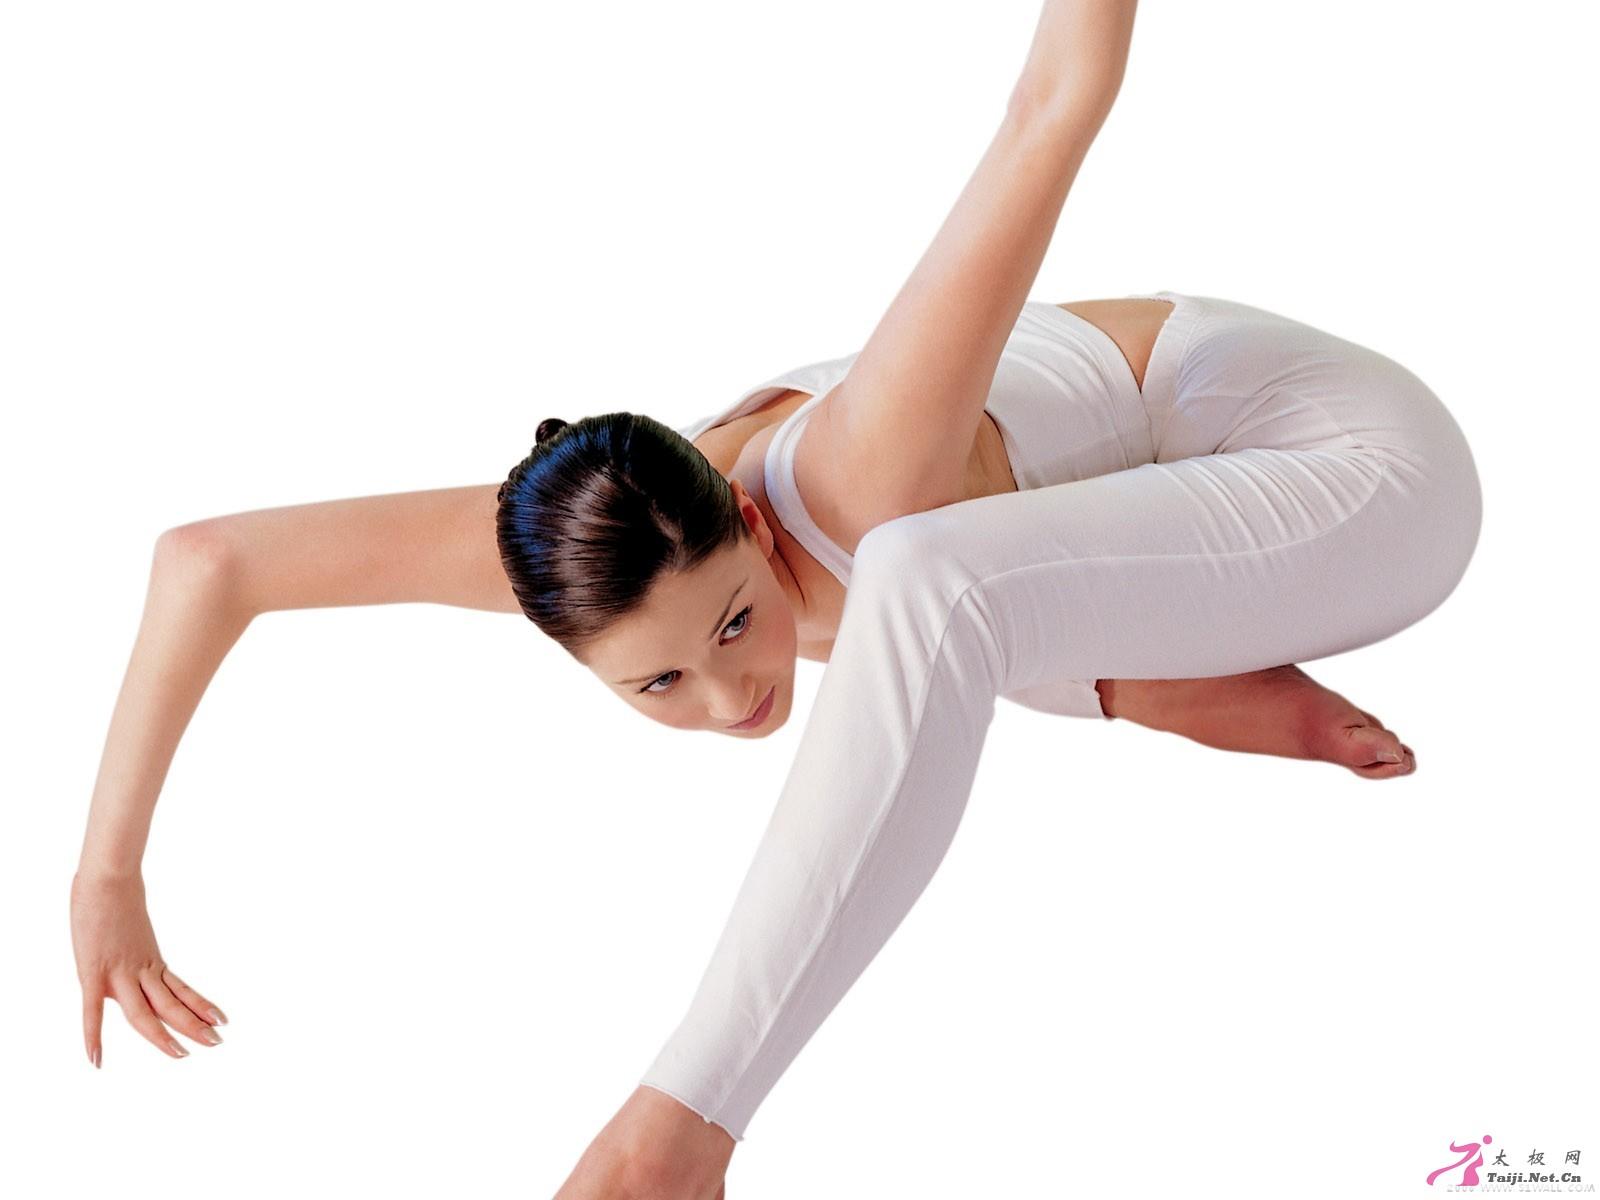 5.9%的电脑族患有不同程度的颈椎不适。瑜伽中模仿动物的姿态可以令我们的颈椎更舒服更健康。 练习时间:每日练习。   金刚鱼式   动作:跪坐于地板上,双手放于两大腿上,吸气。呼气身体慢慢向后,使头顶逐渐触地,双手在胸前合十。   作用:伸展脊椎、颈部与后背的肌肉。   猫伸展式   动作:跪于地板,双手支撑身体。吸气,脊柱向下伸展,抬头,引颈向上,同时臀部向上翘。呼气,含胸,拱背,垂头引颈向下,腹部肌肉收紧,使整个背部尽量向上拱起。   作用:脊柱及周围肌肉群更富有弹性,放松颈部和肩部使背部肌肉协调工作